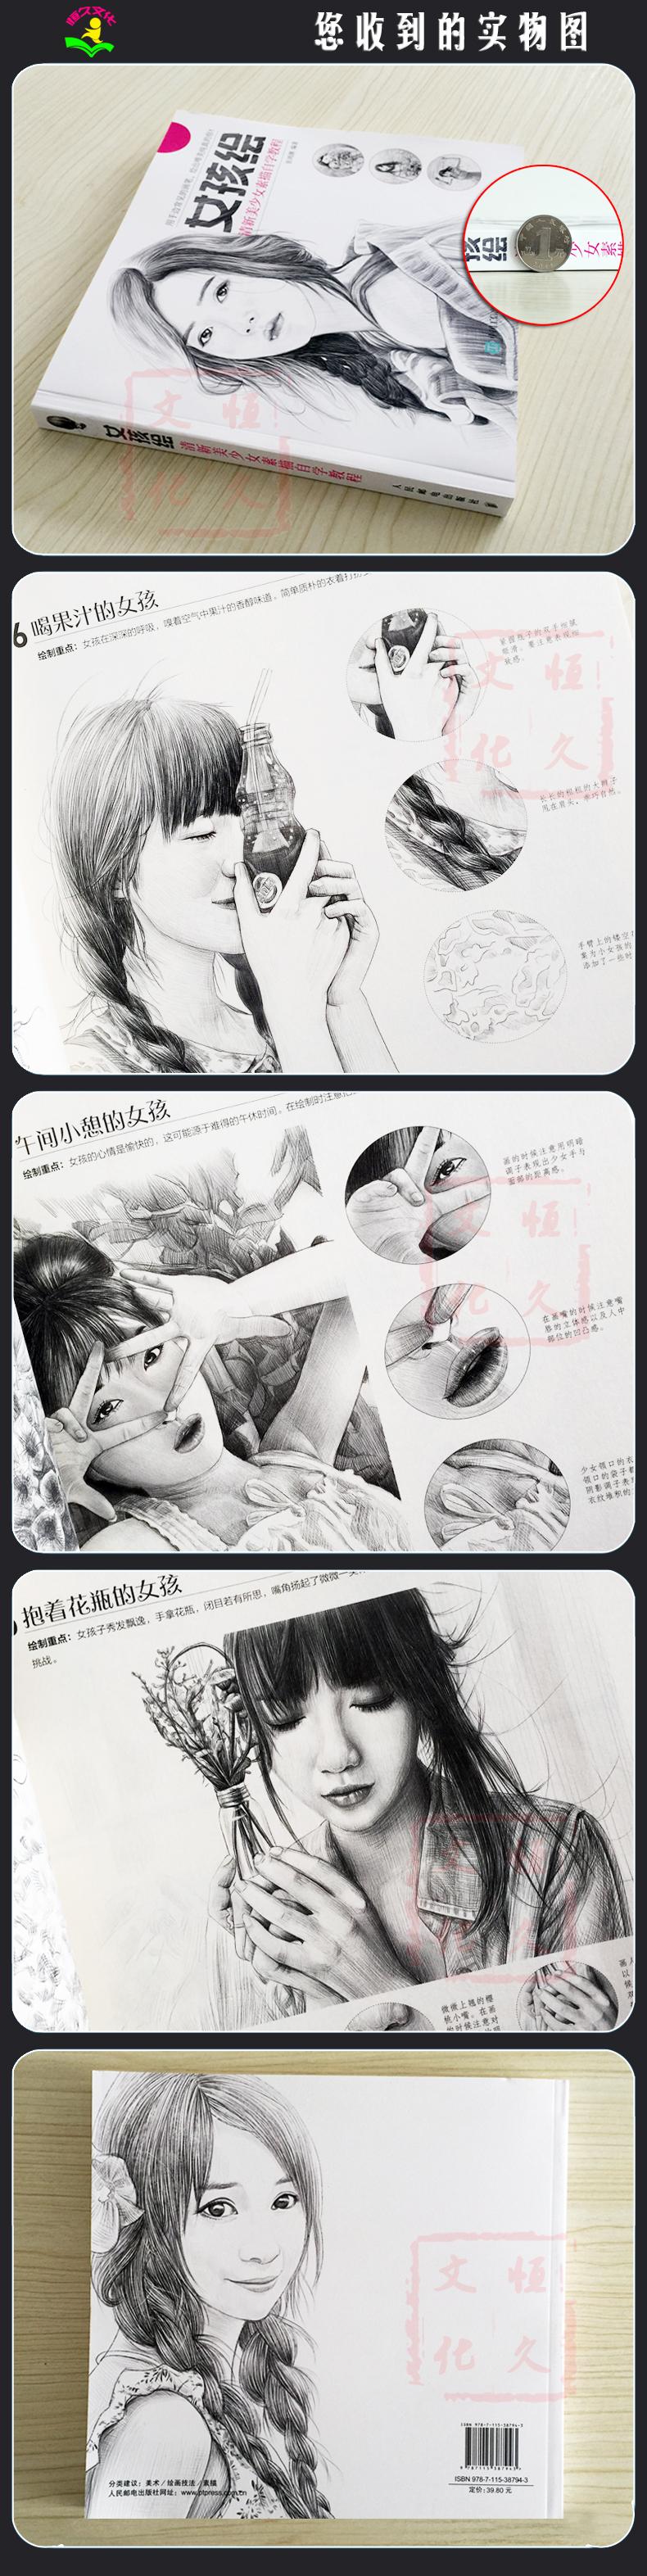 人物素描书 女孩绘 清新美少女素描自学教程 铅笔素描基础教程 铅笔